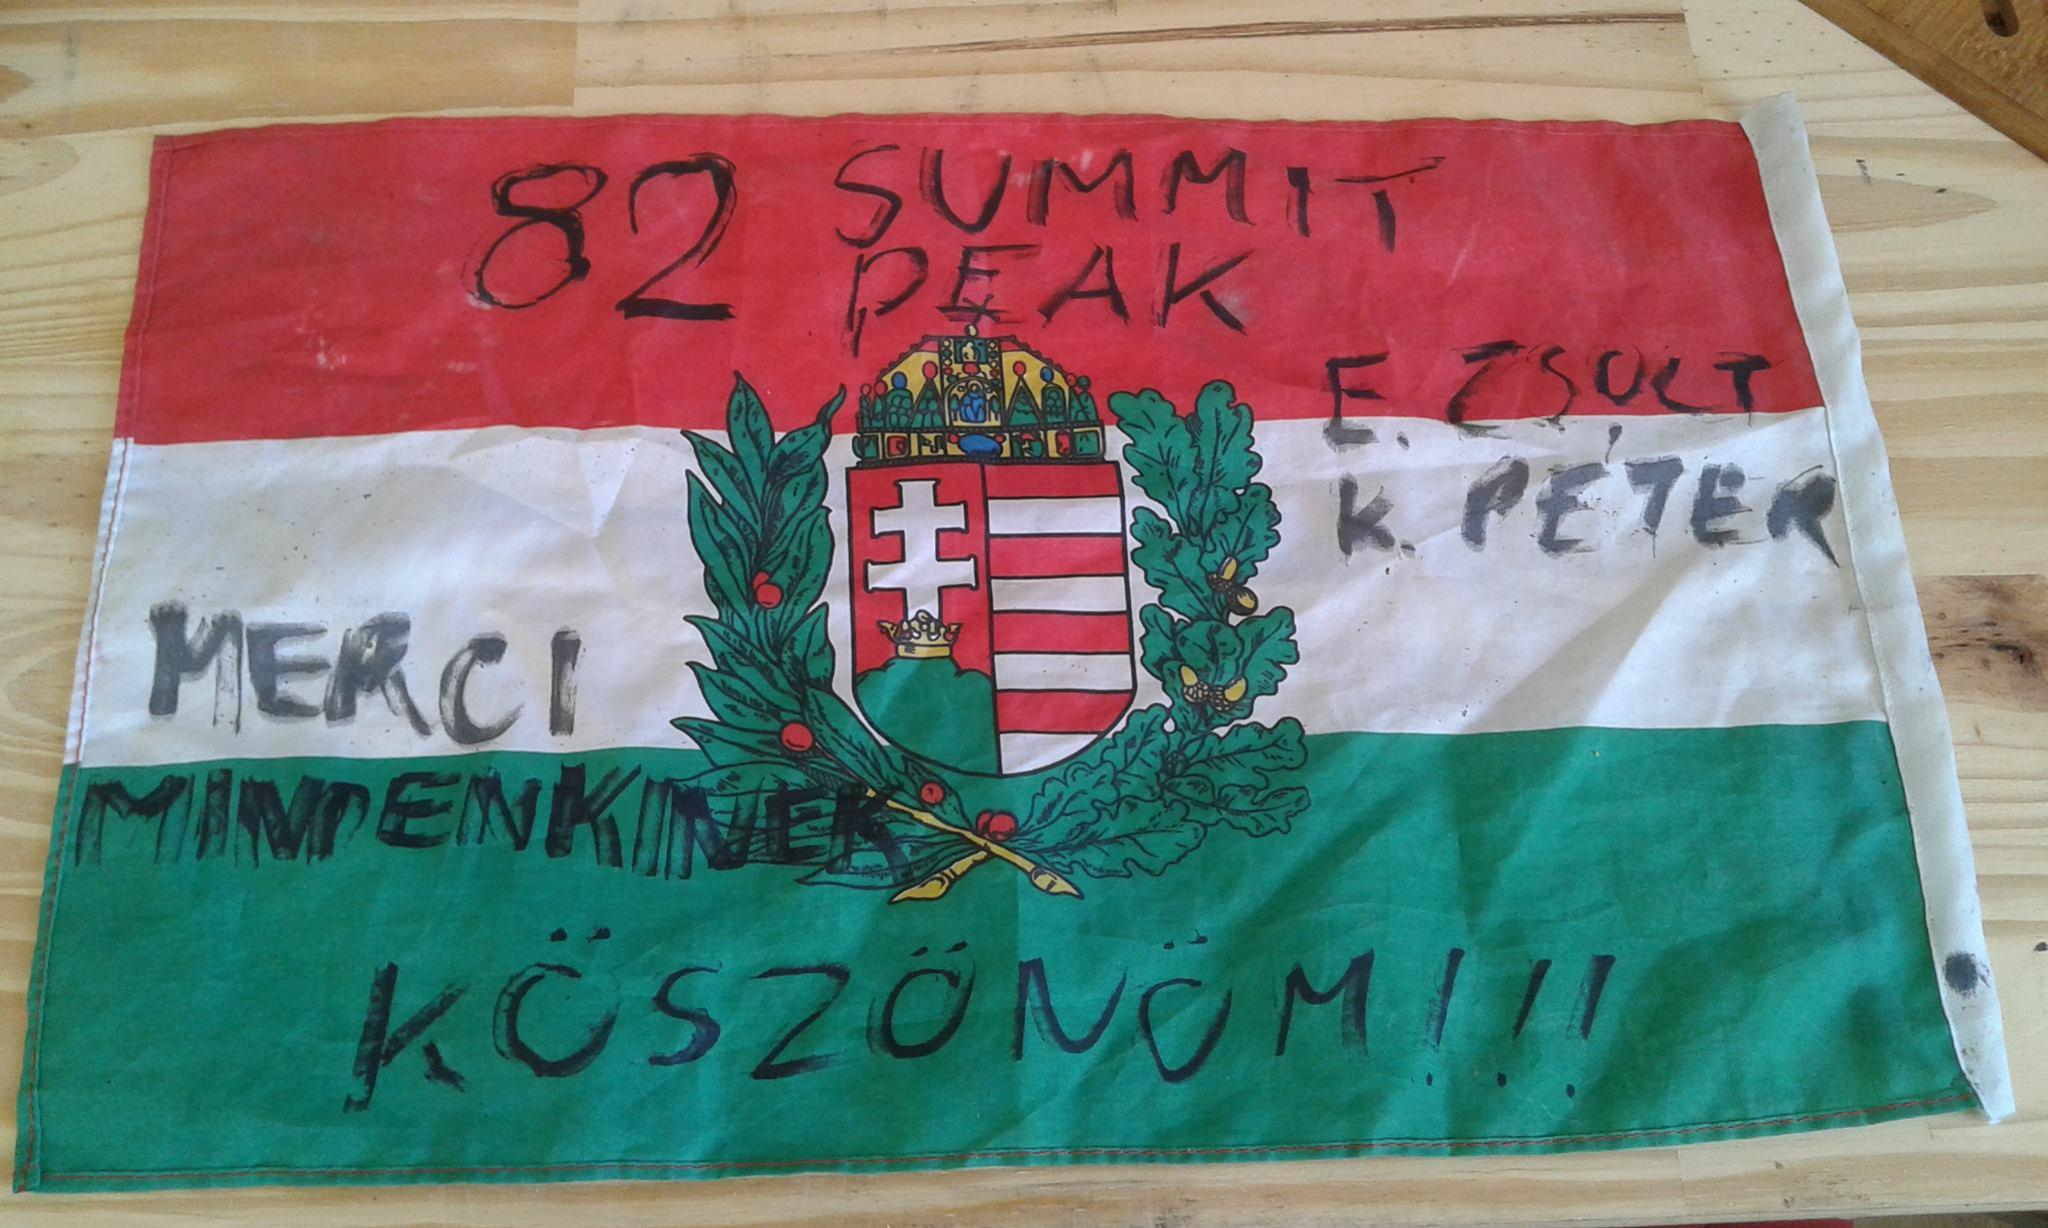 A mindenkinek köszönő zászló Forrás: Lengyel Ferenc Facebook